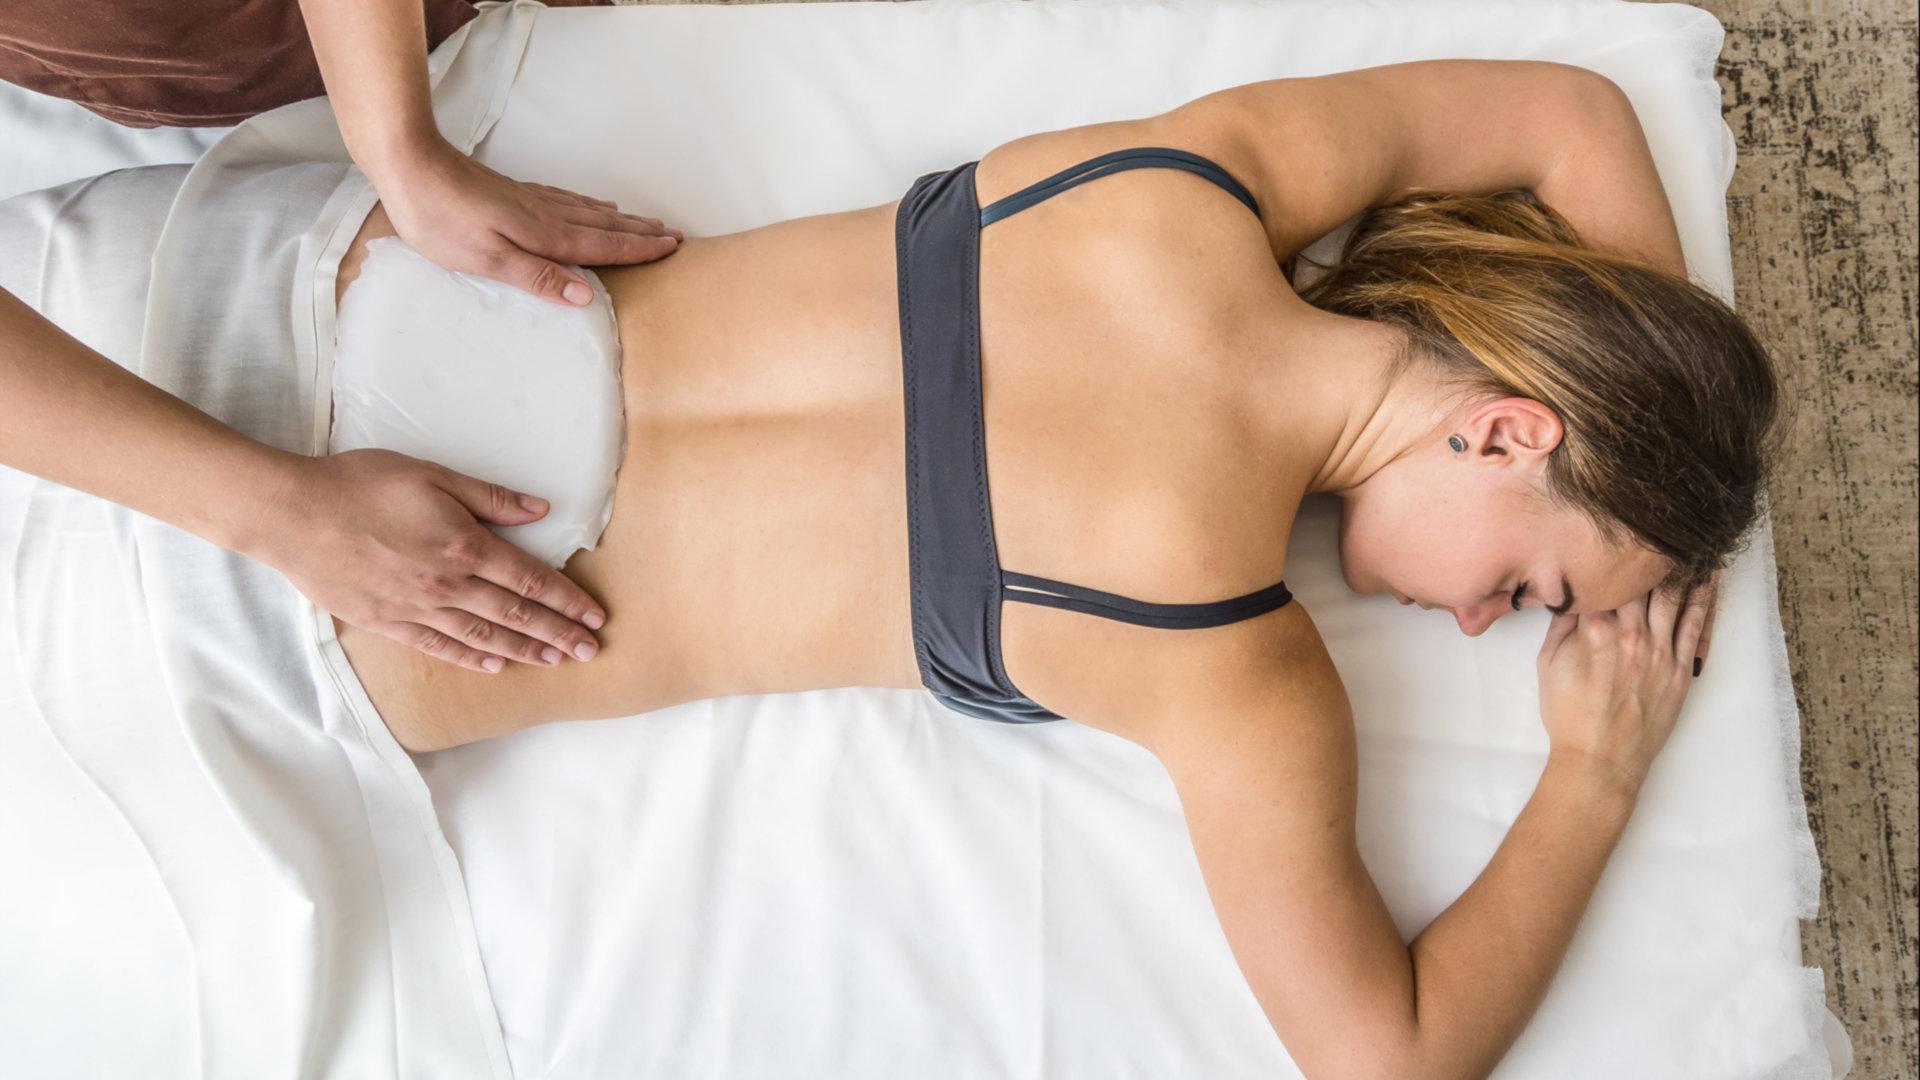 reabilitācija, masāža, mugurkaula trūce, stress